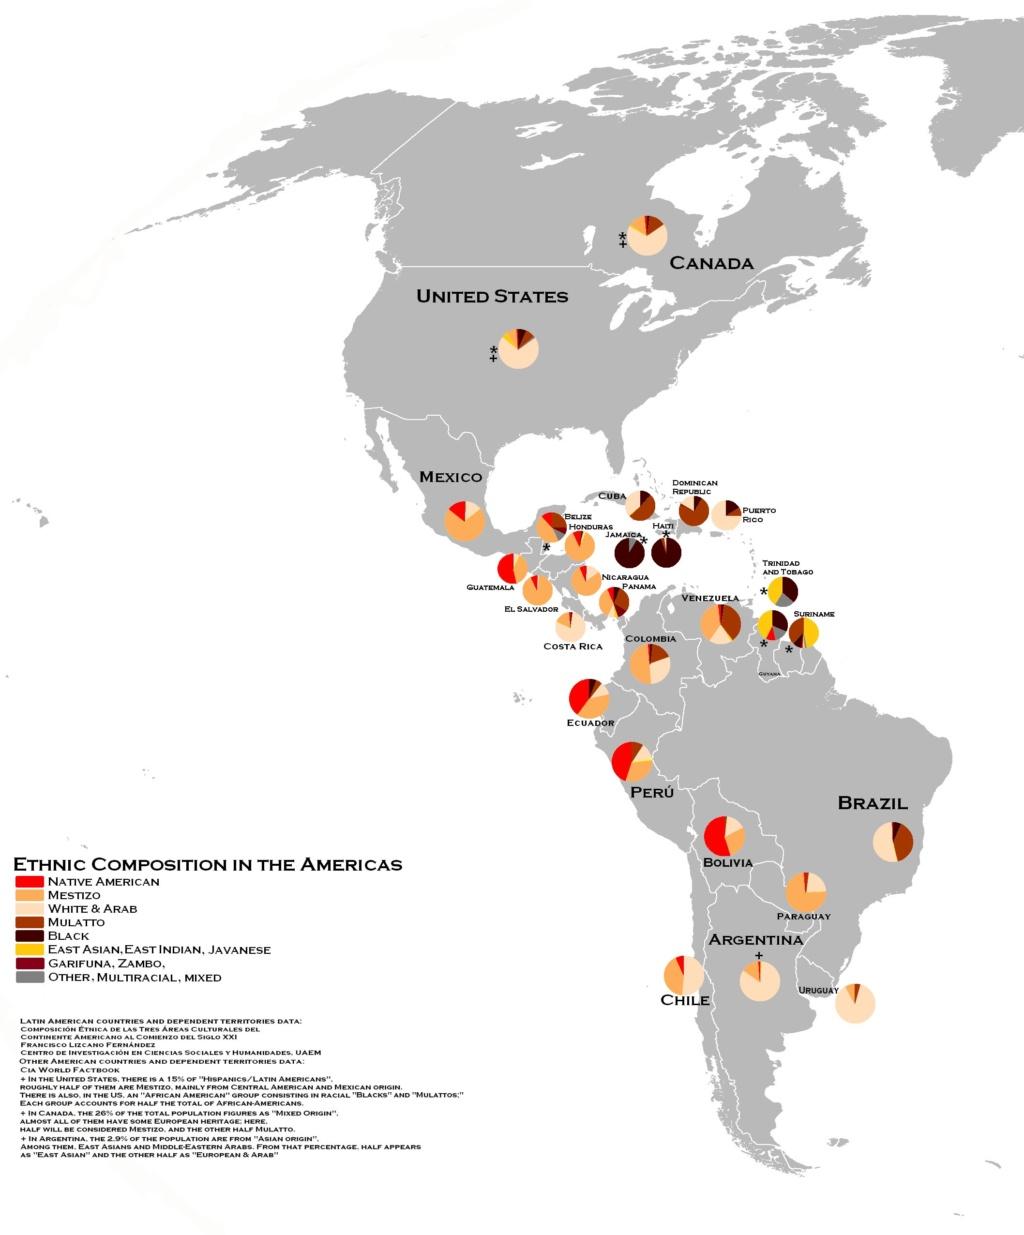 Colón representa genocidio - Página 2 Eapa1513